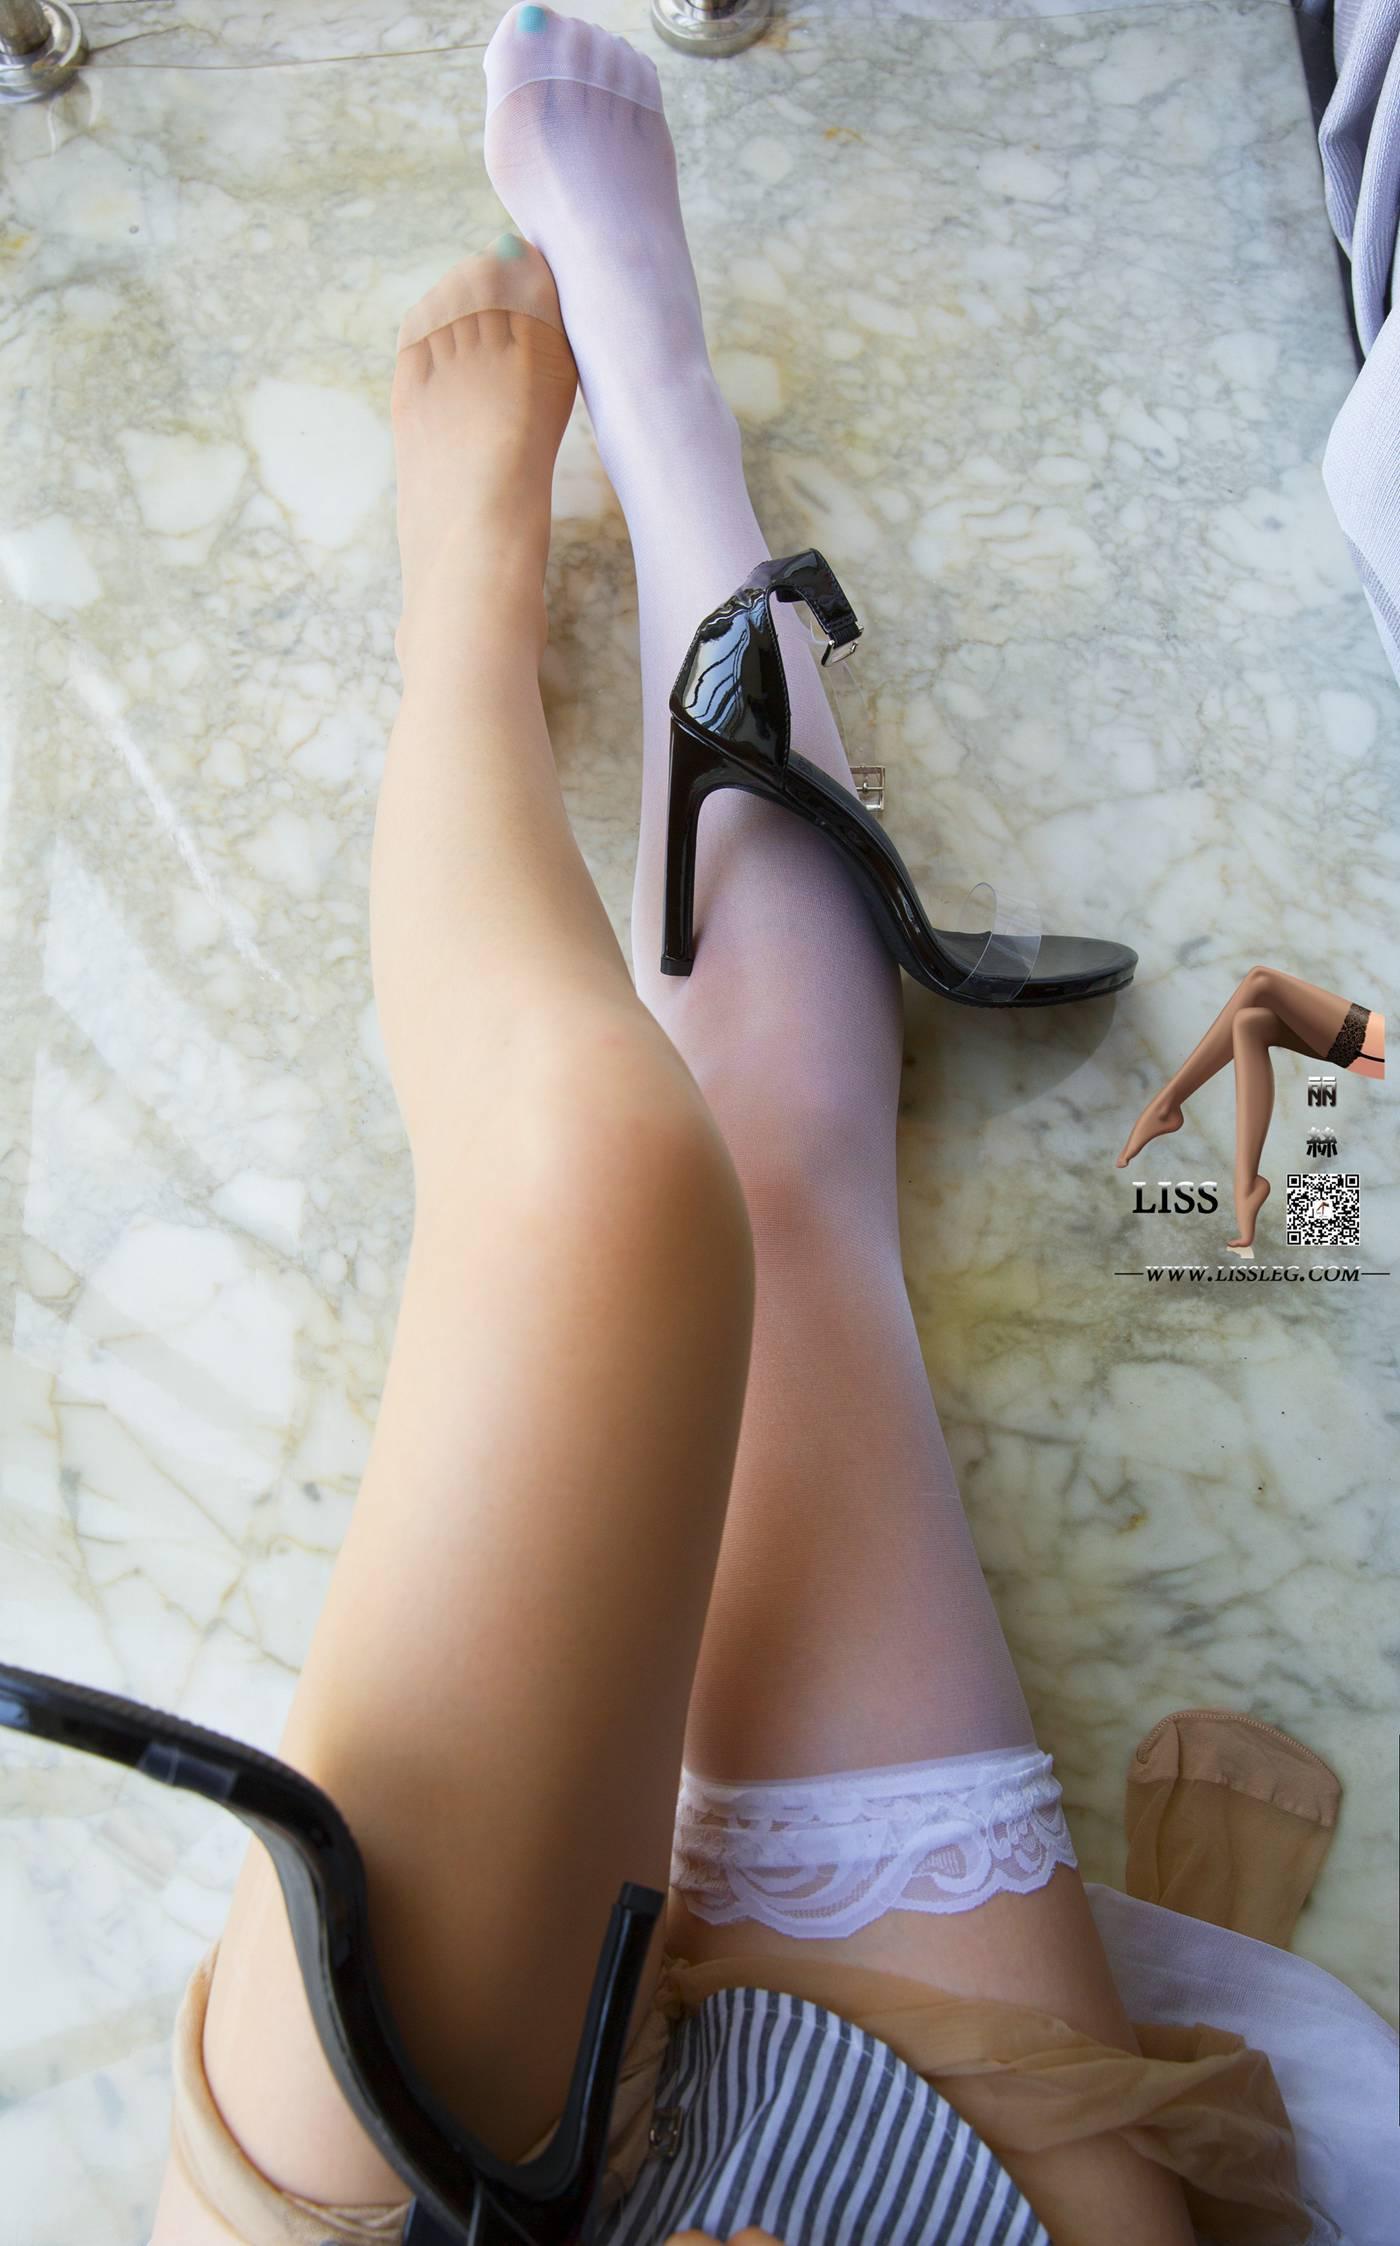 [LISS丽丝映像]NO.009 莎莎小姐 情蜜玉足 白蕾丝筒袜与超薄肉丝[91P]